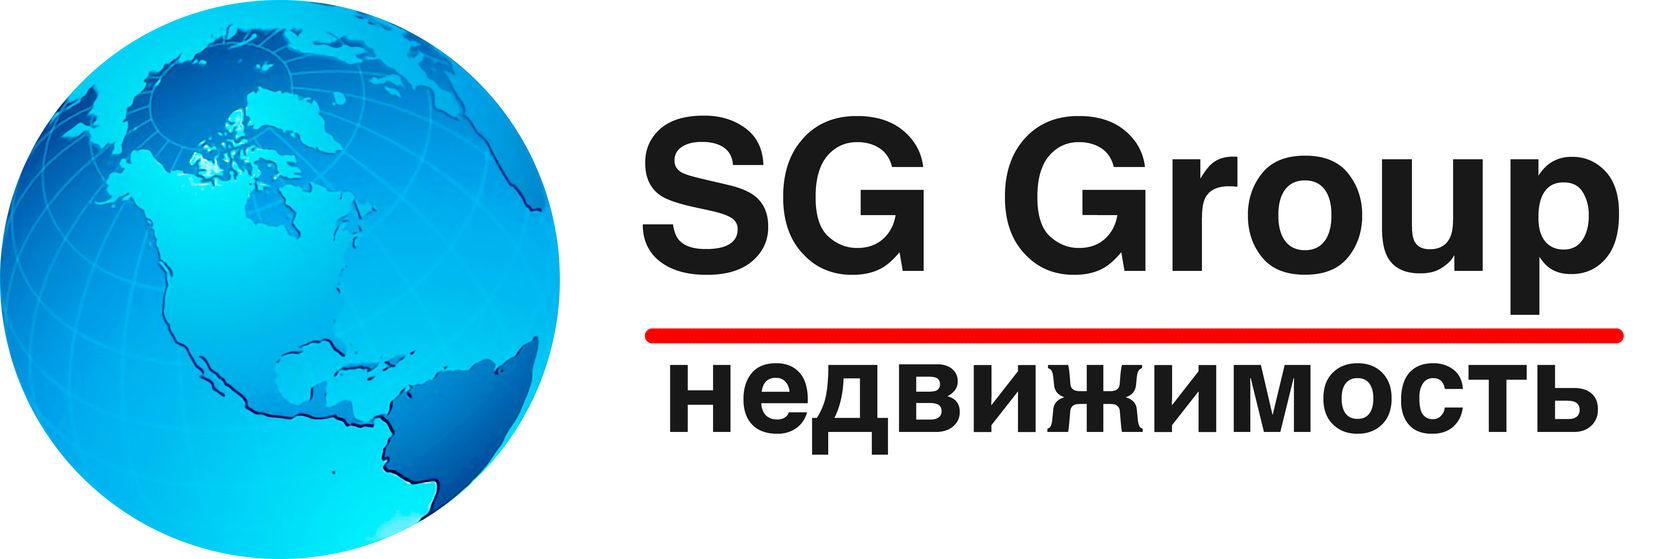 SG Group. Недвижимость